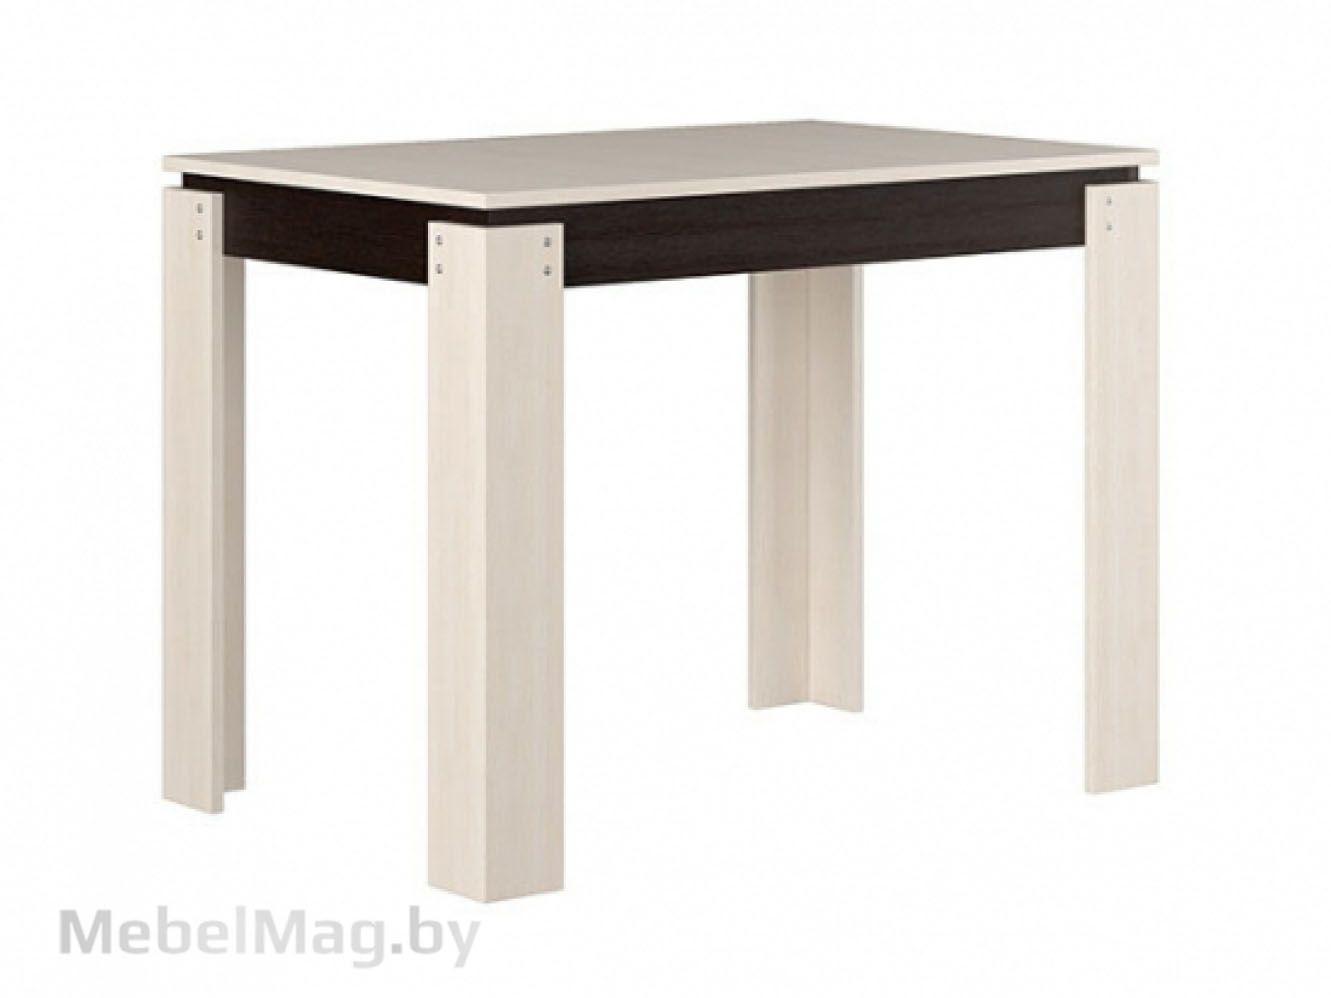 Стол обеденный №2, Венге/Дуб молочный